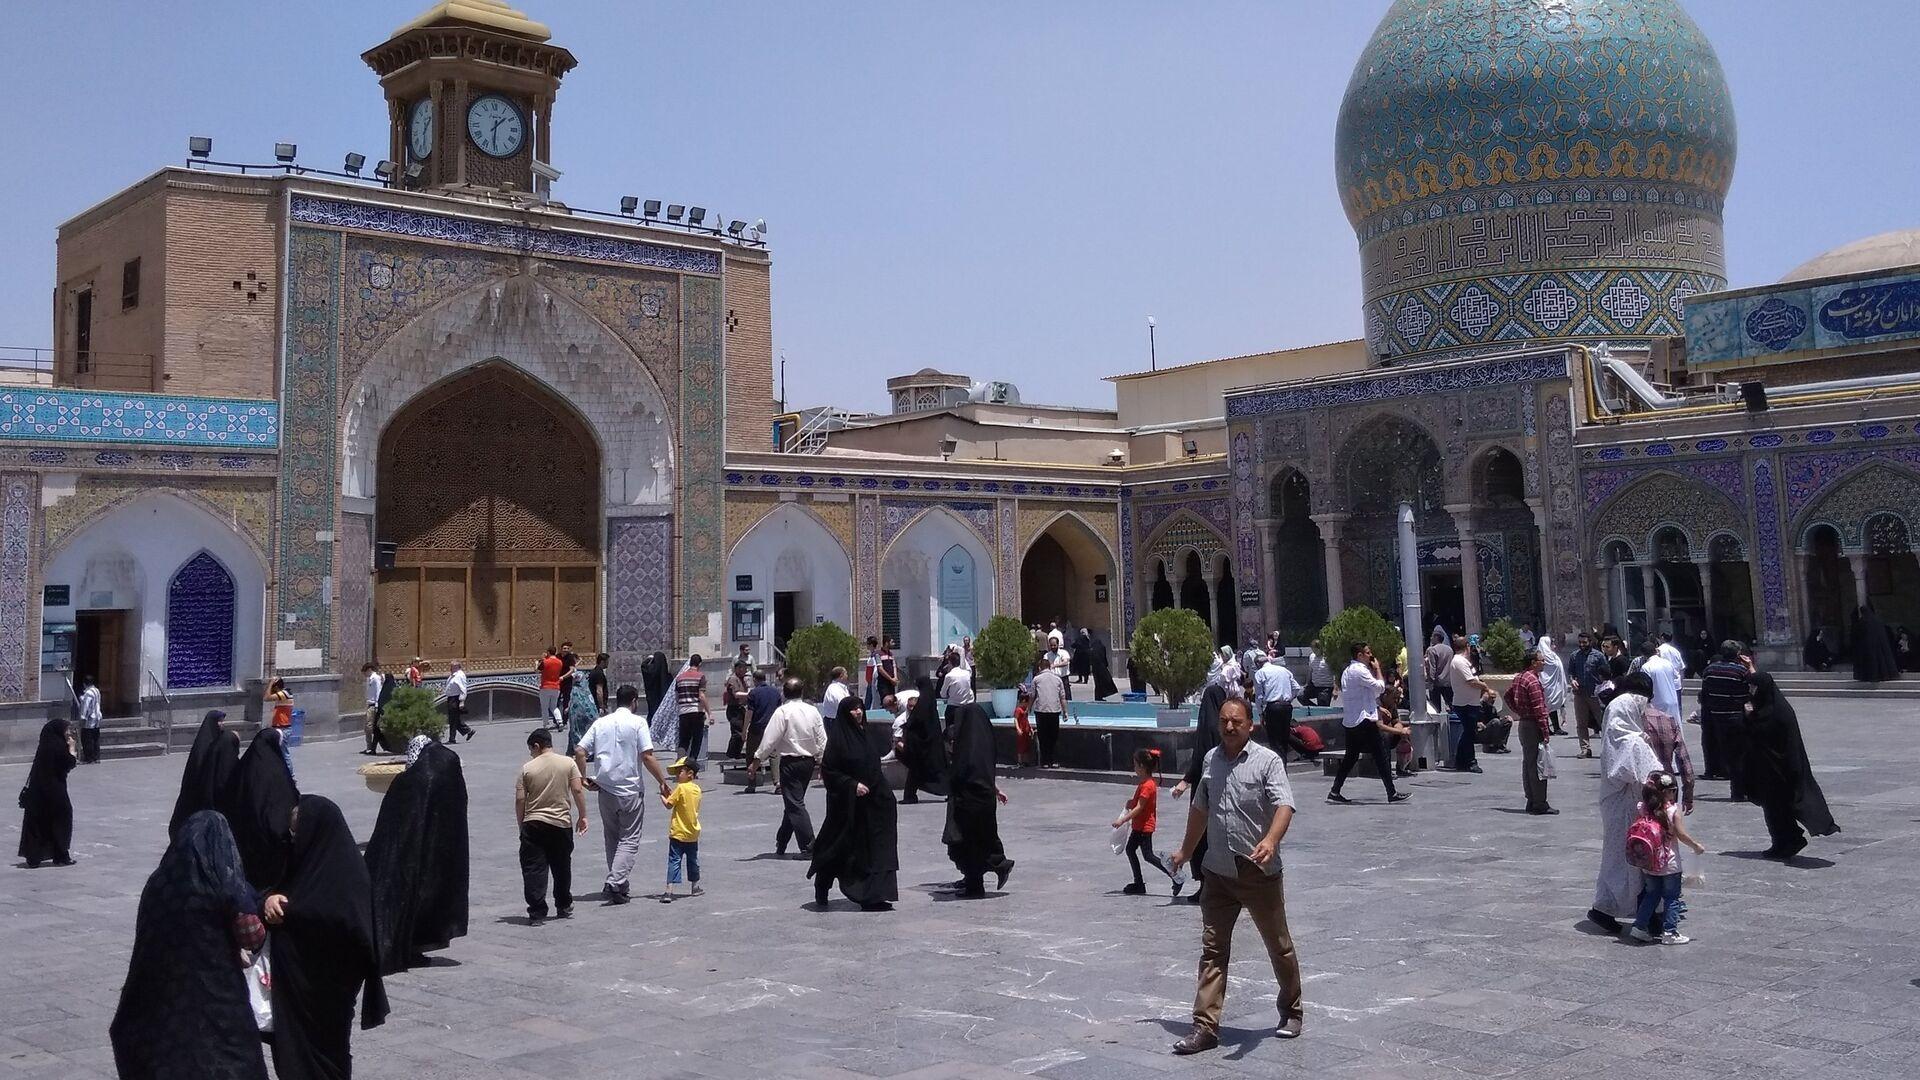 Мечеть Шах Абдул-Азим в городе Рей в пригороде Тегерана - РИА Новости, 1920, 17.09.2020